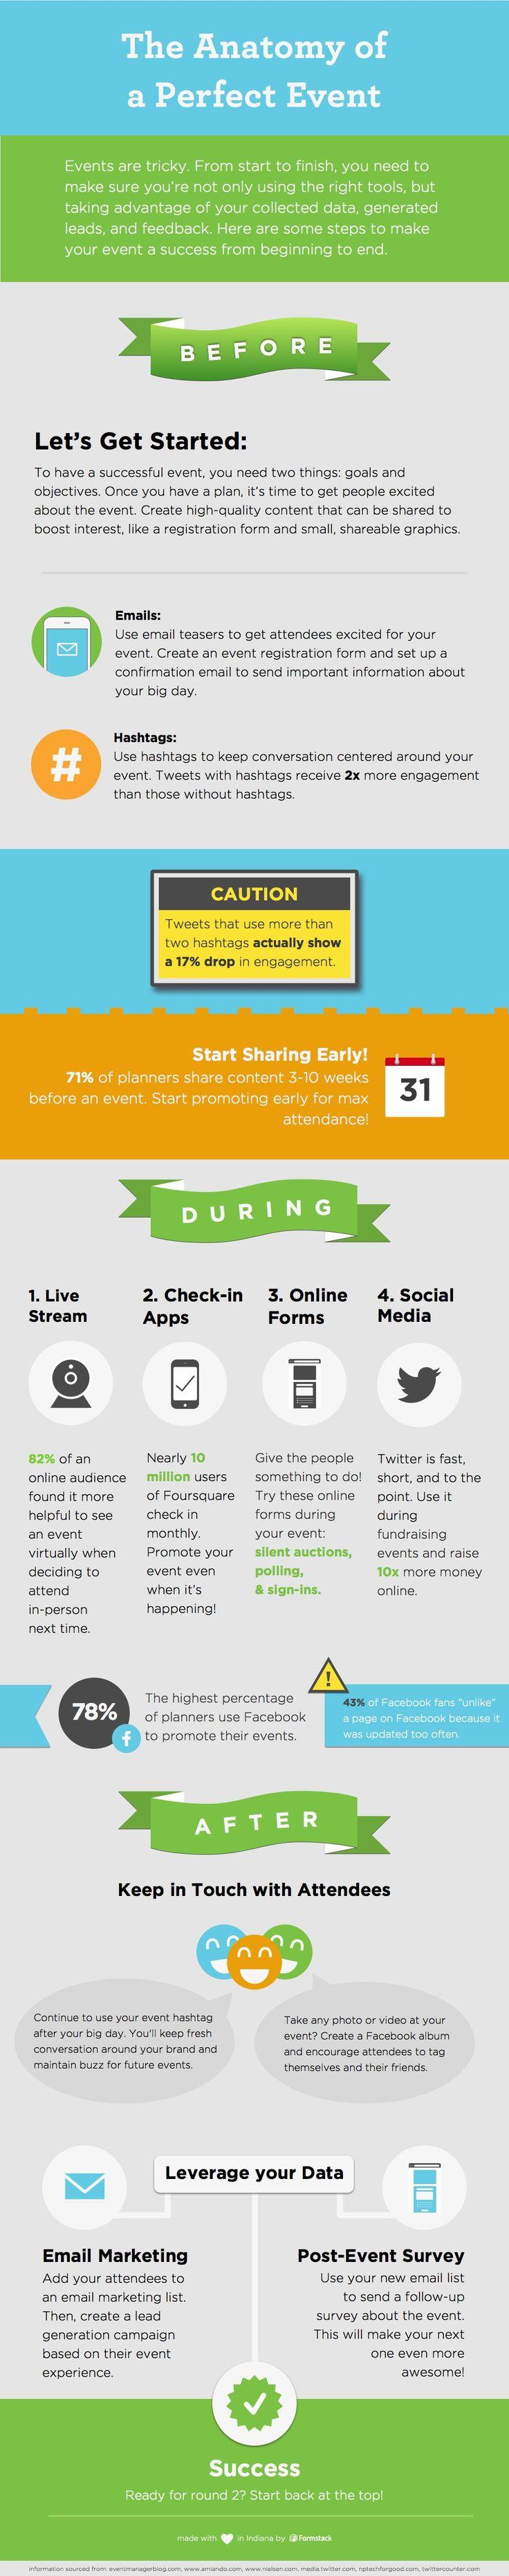 social media event success